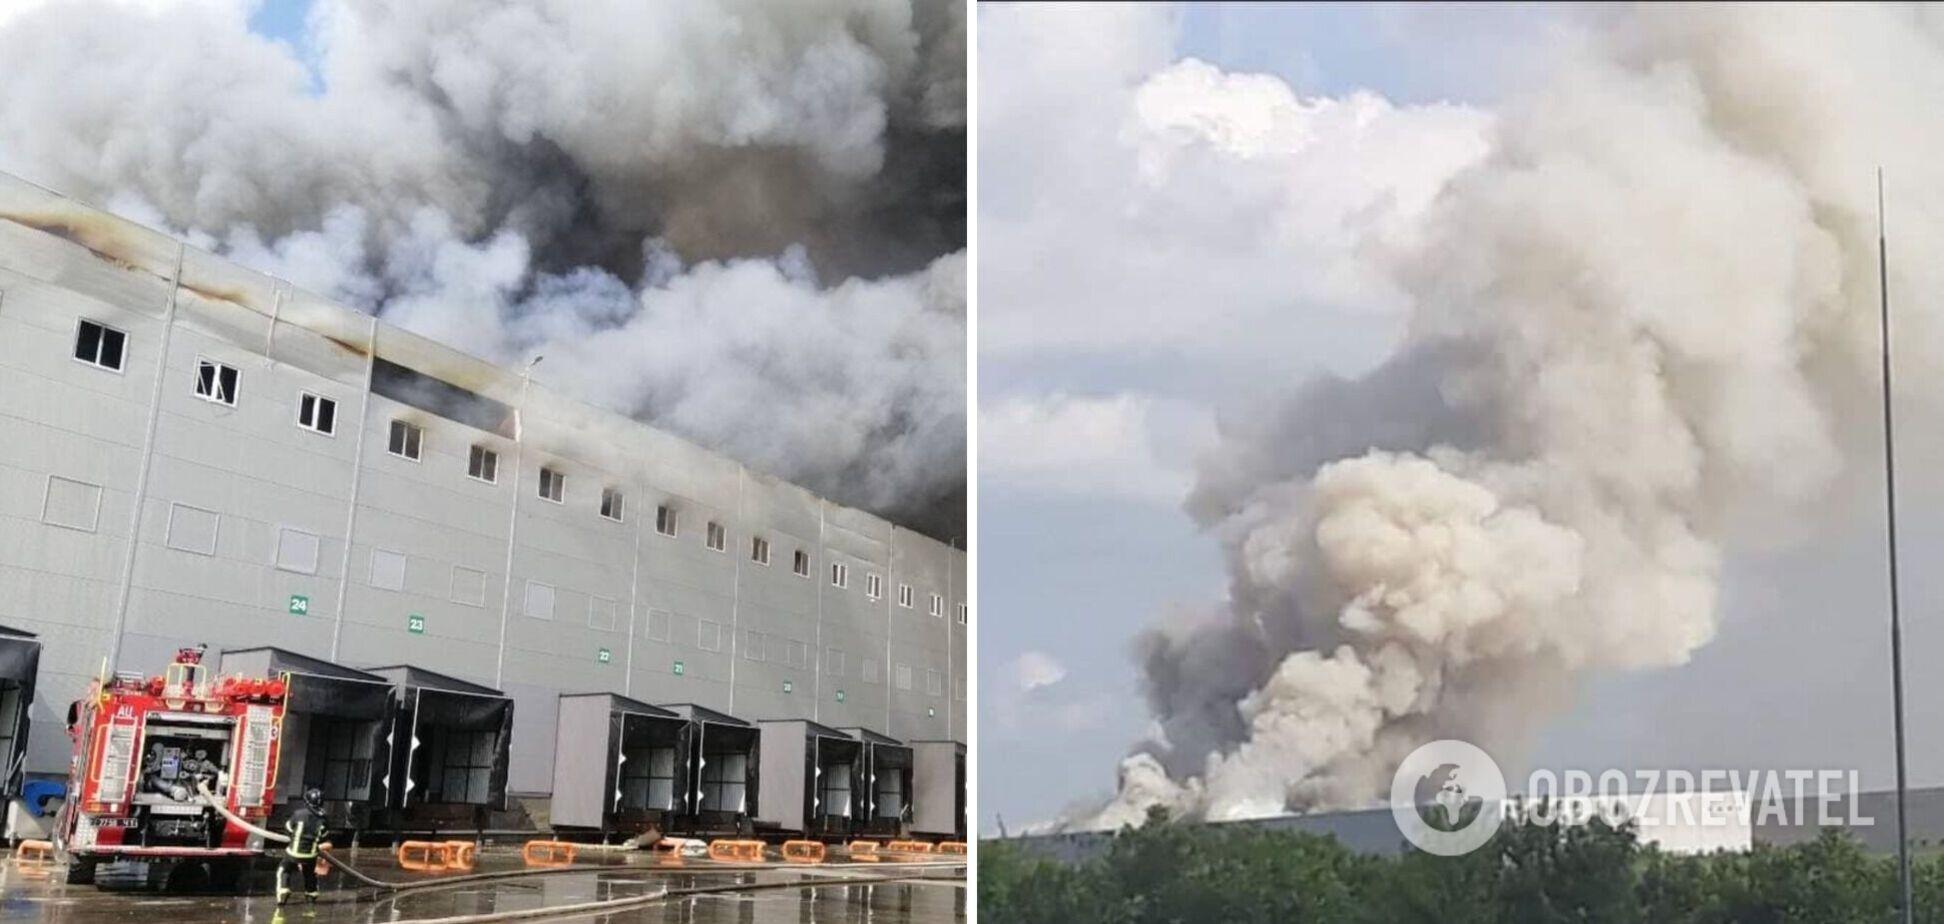 Під Одесою сталася масштабна пожежа на складах АТБ, з вогнем боролися десятки пожежних. Фото і відео